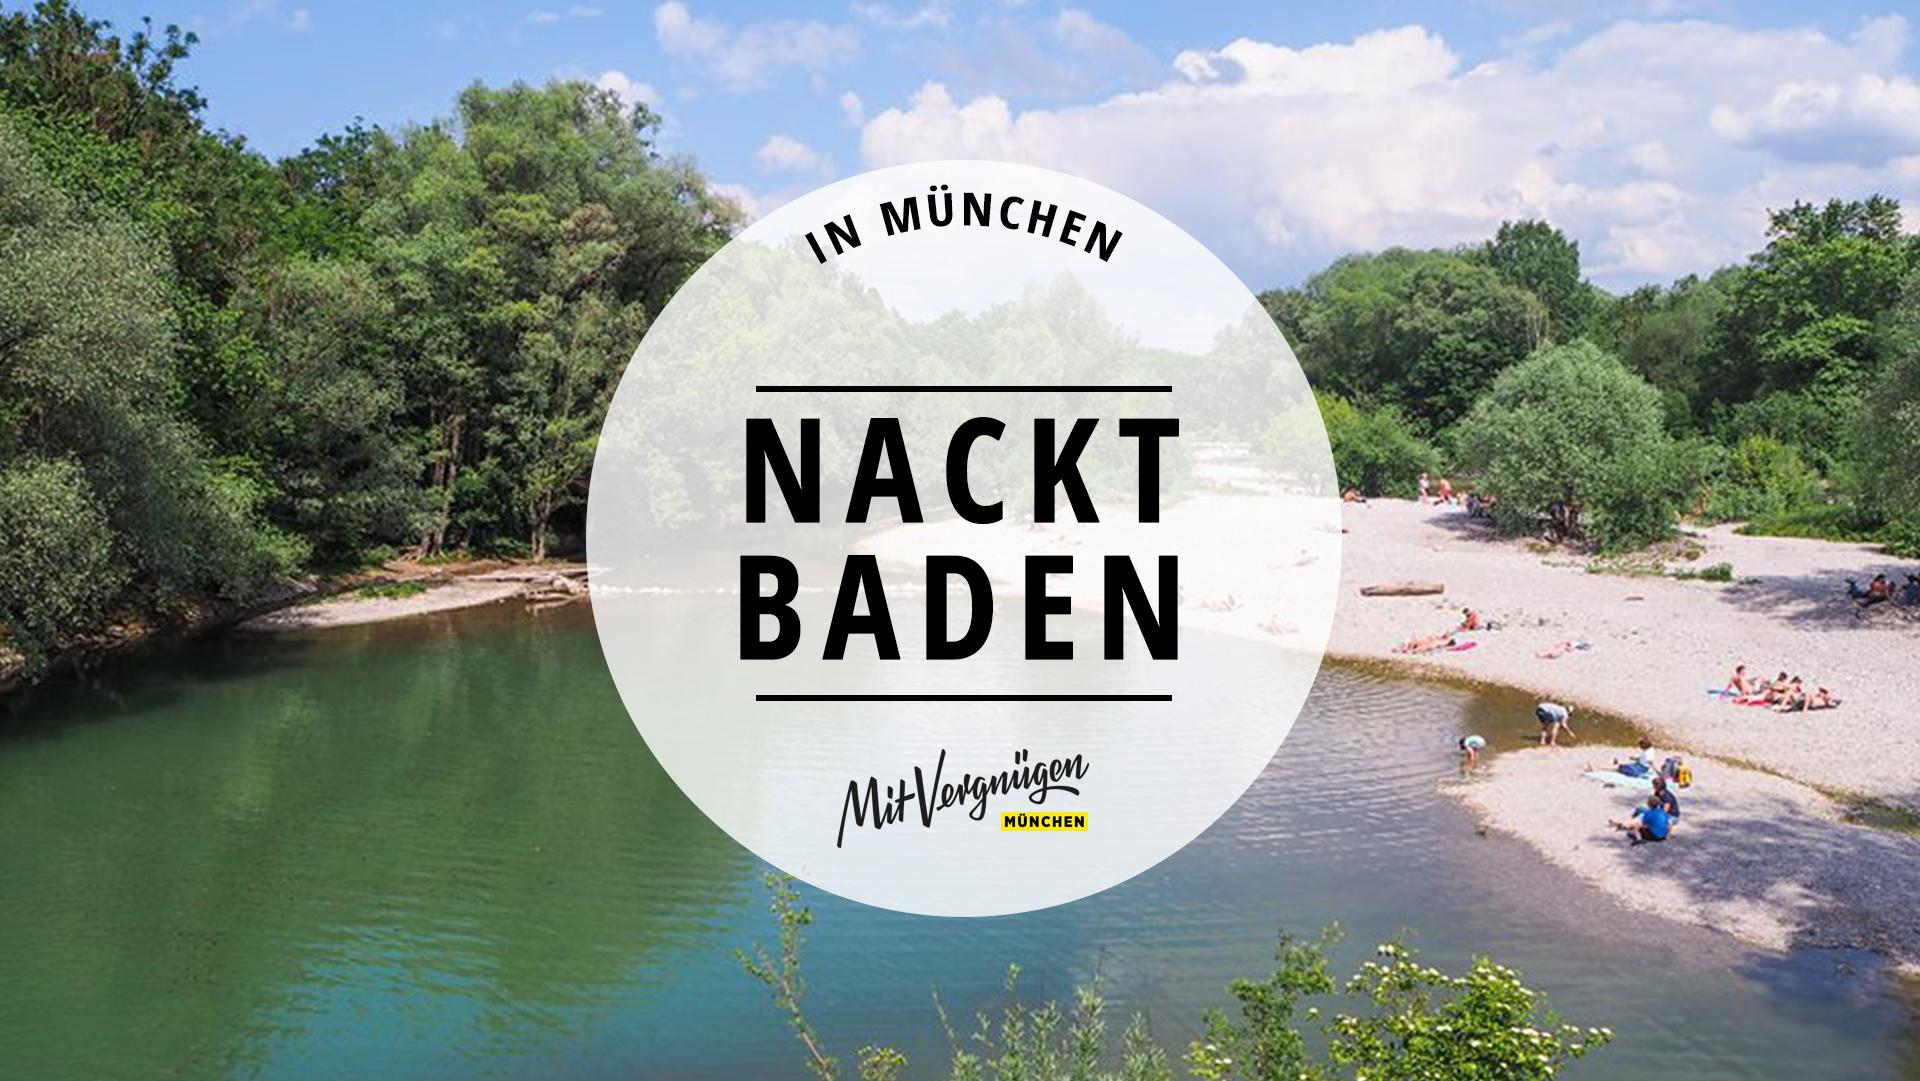 11 Schone Orte Zum Nacktbaden In Und Um Munchen Mit Vergnugen Munchen